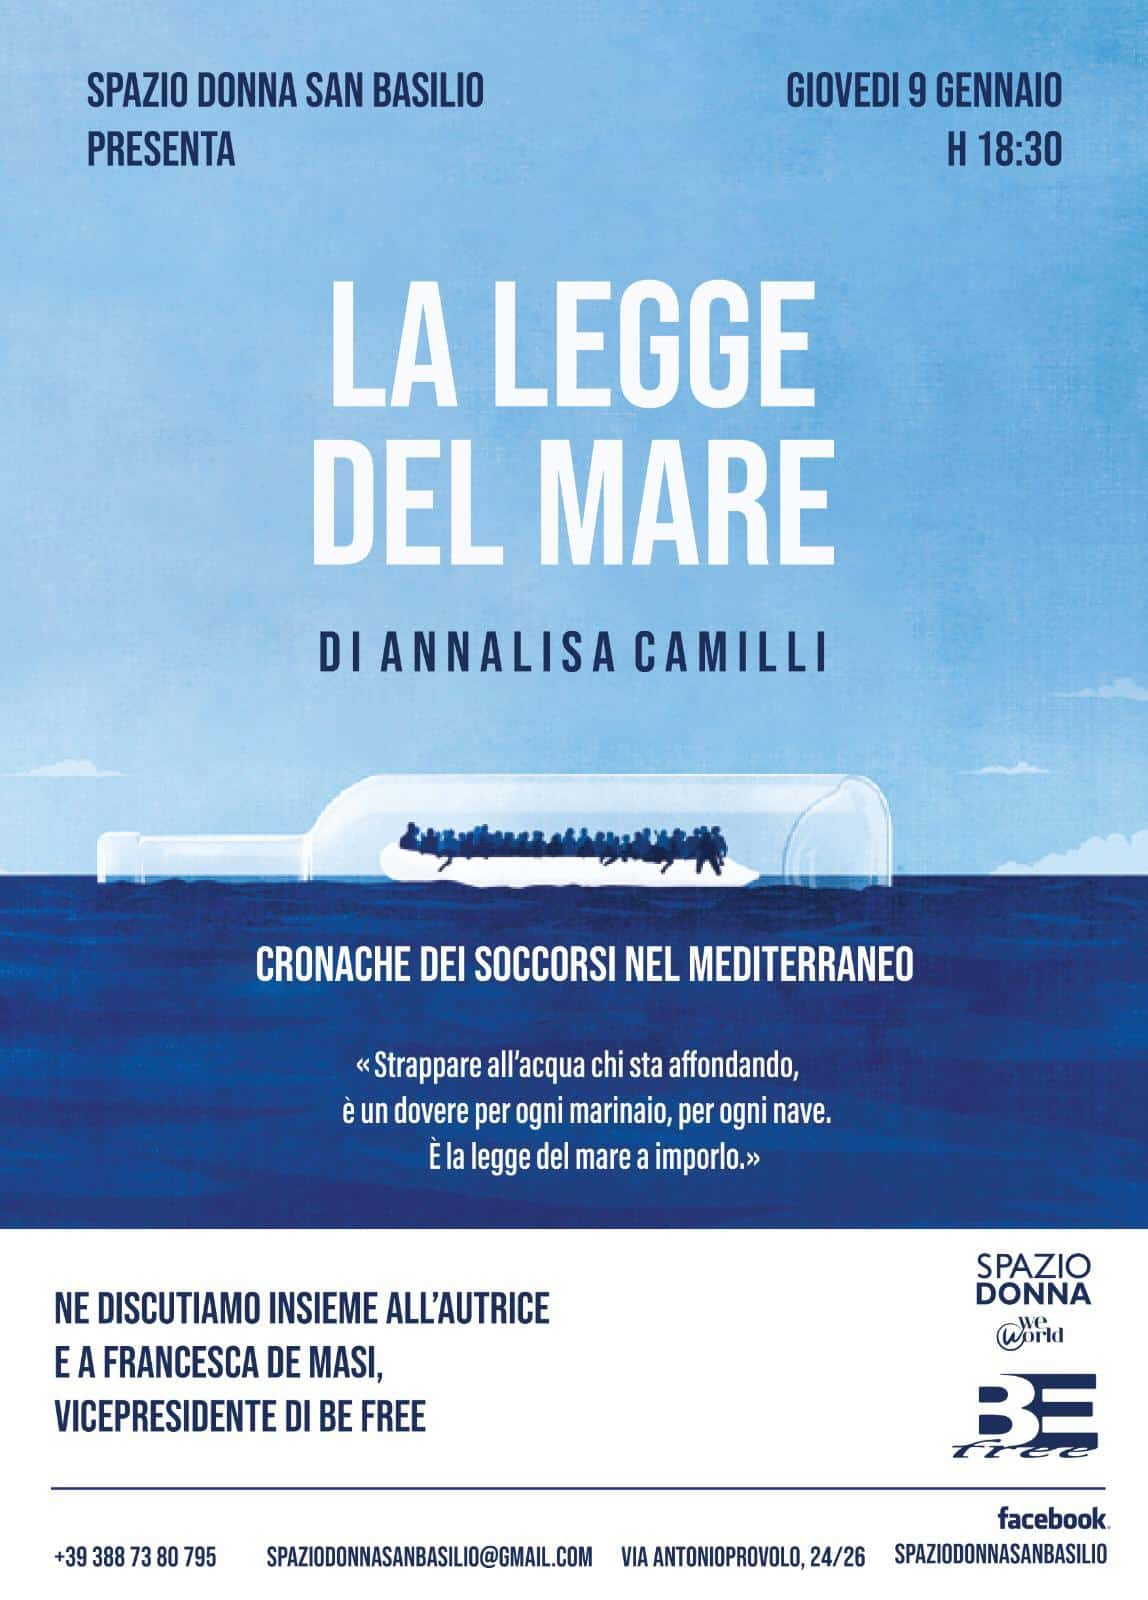 LA LEGGE DEL MARE di Annalisa Camilli, Rizzoli, Milano 2019